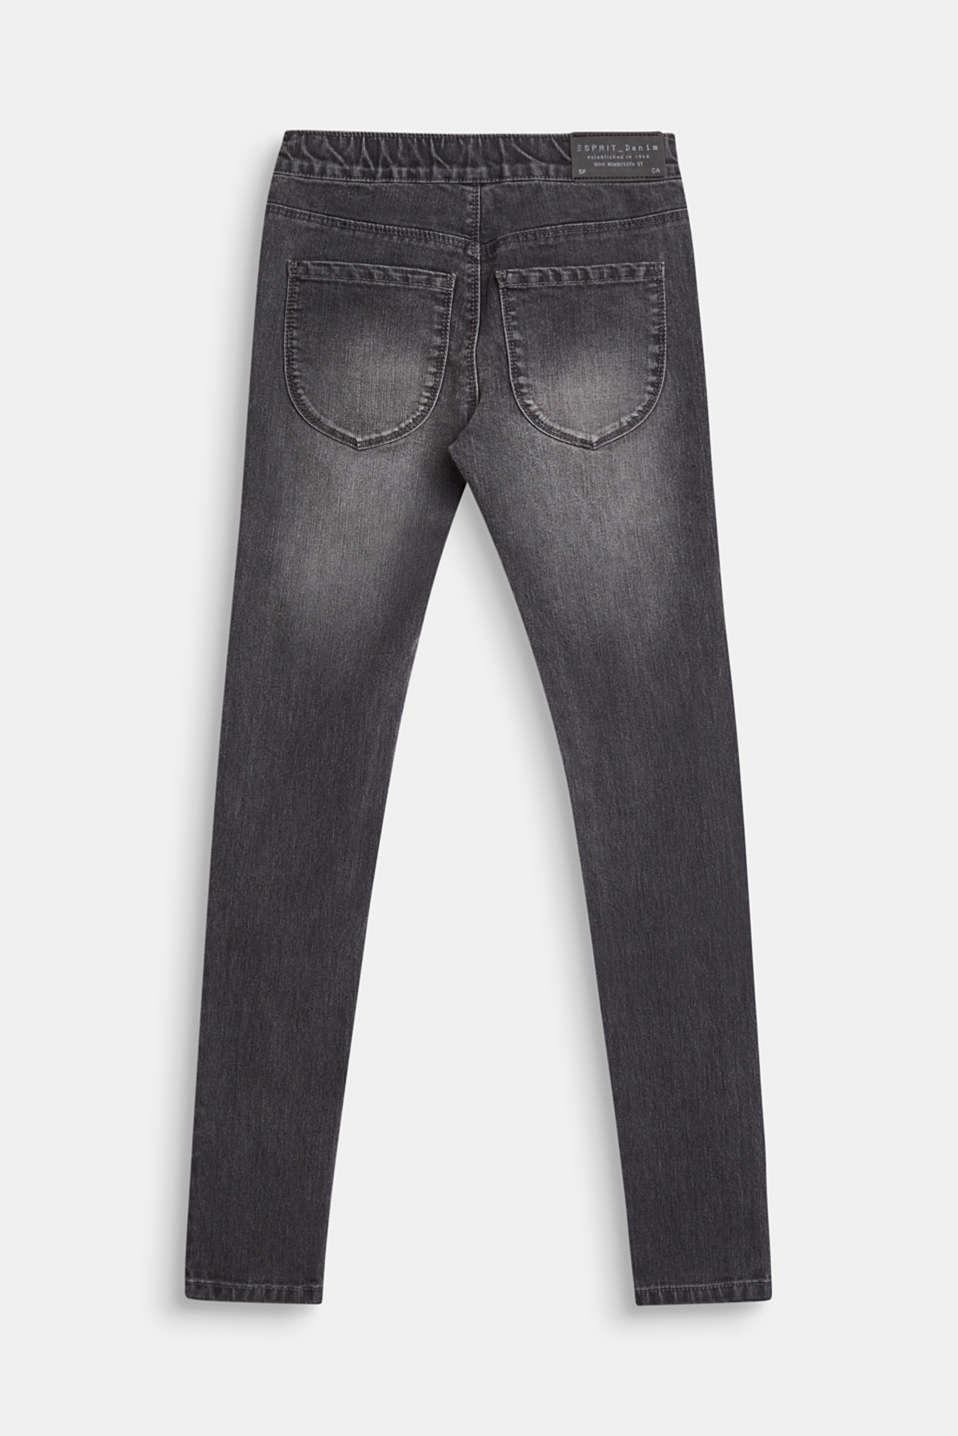 Pants denim, LCGREY DENIM, detail image number 1